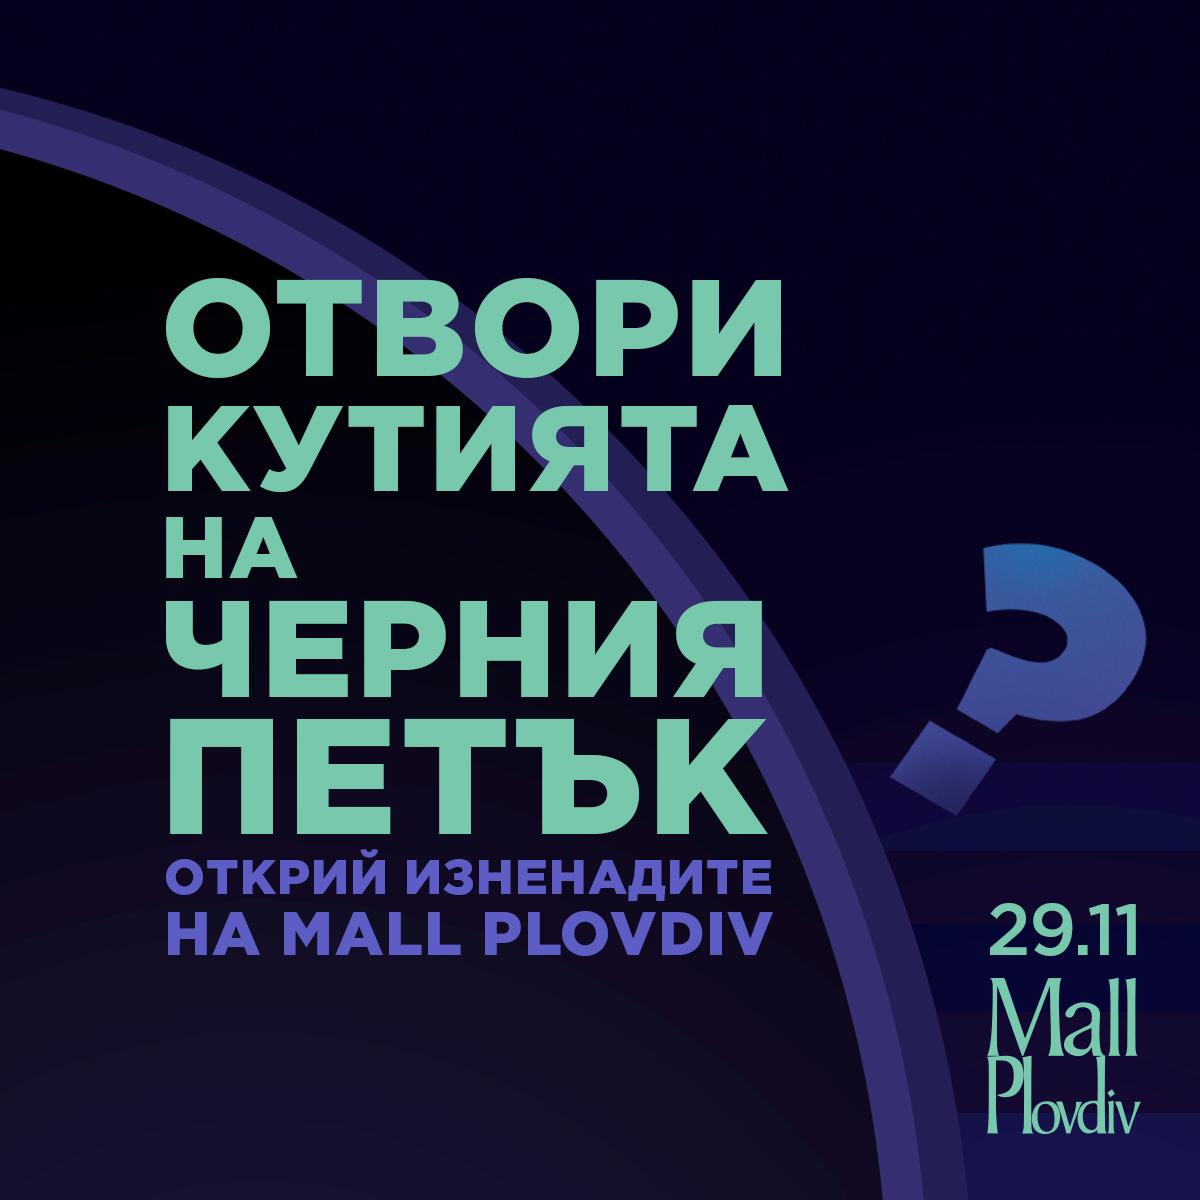 Какво крие кутията на Черния петък в Mall Plovdiv?